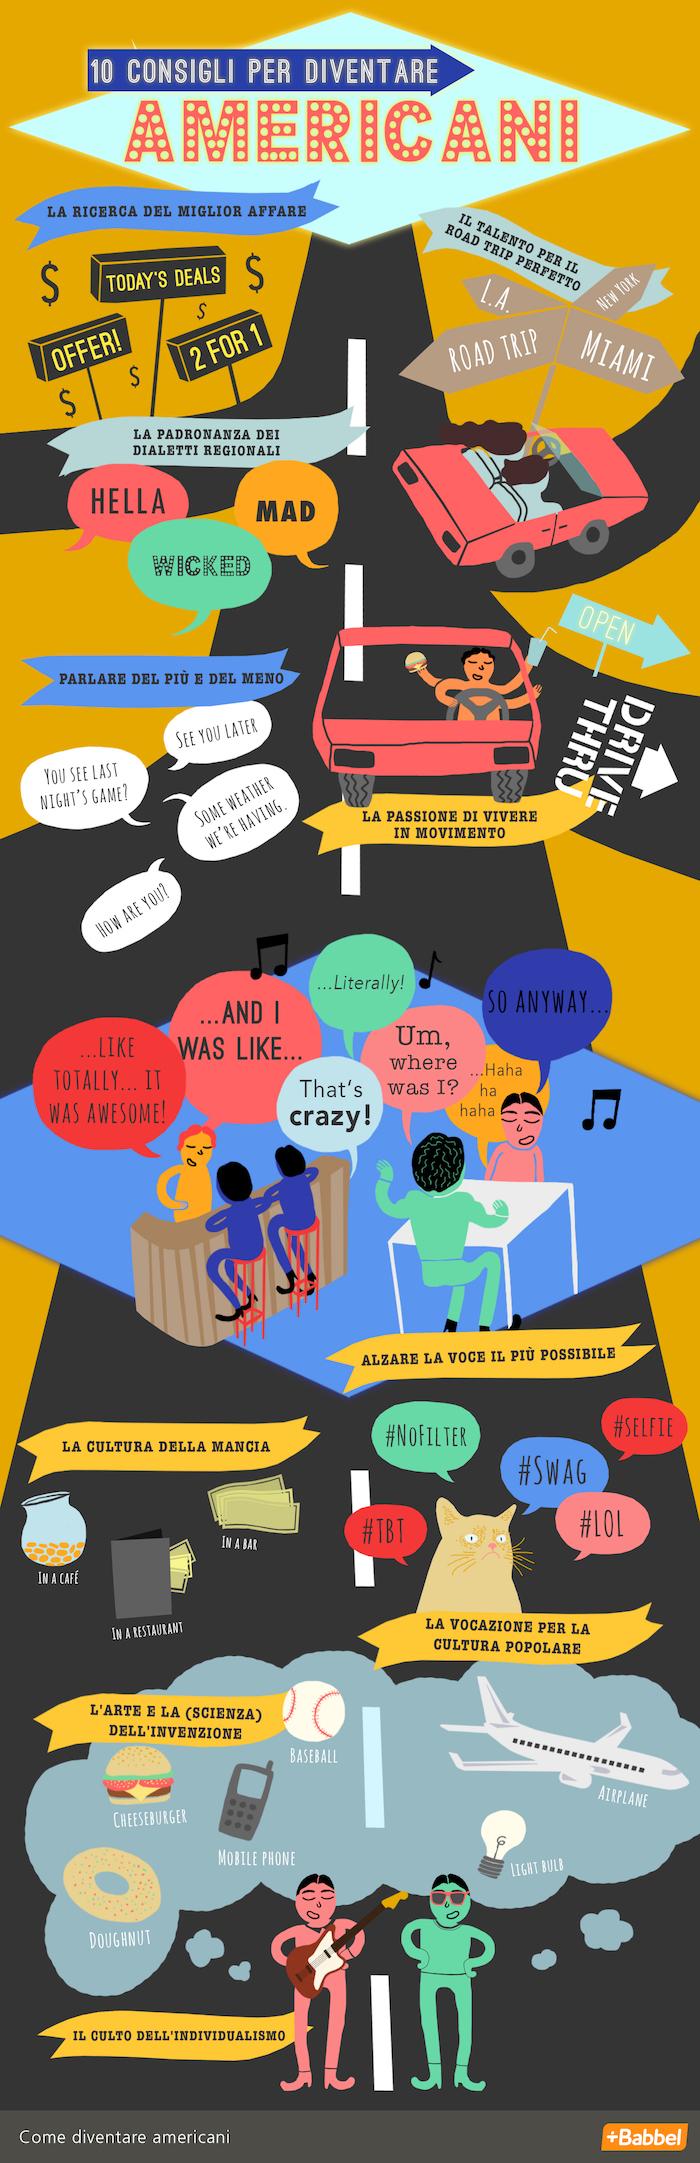 Come diventare americani in 10 semplici mosse